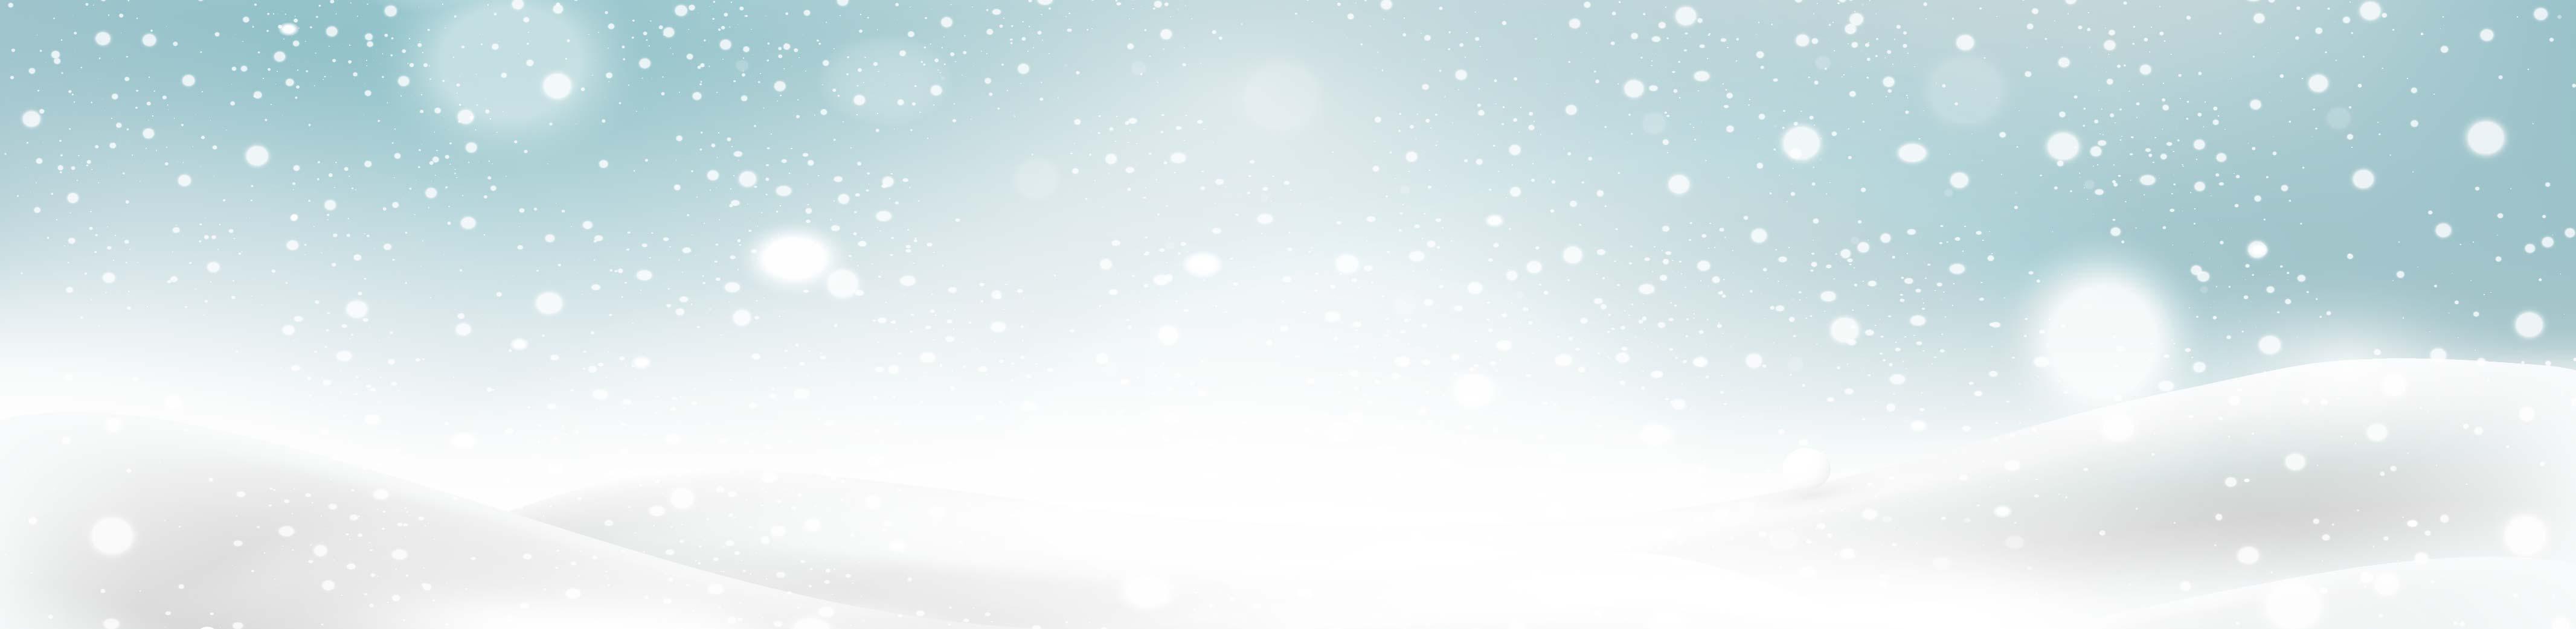 Tante novità ed eventi questo inverno nel nostro ristorante